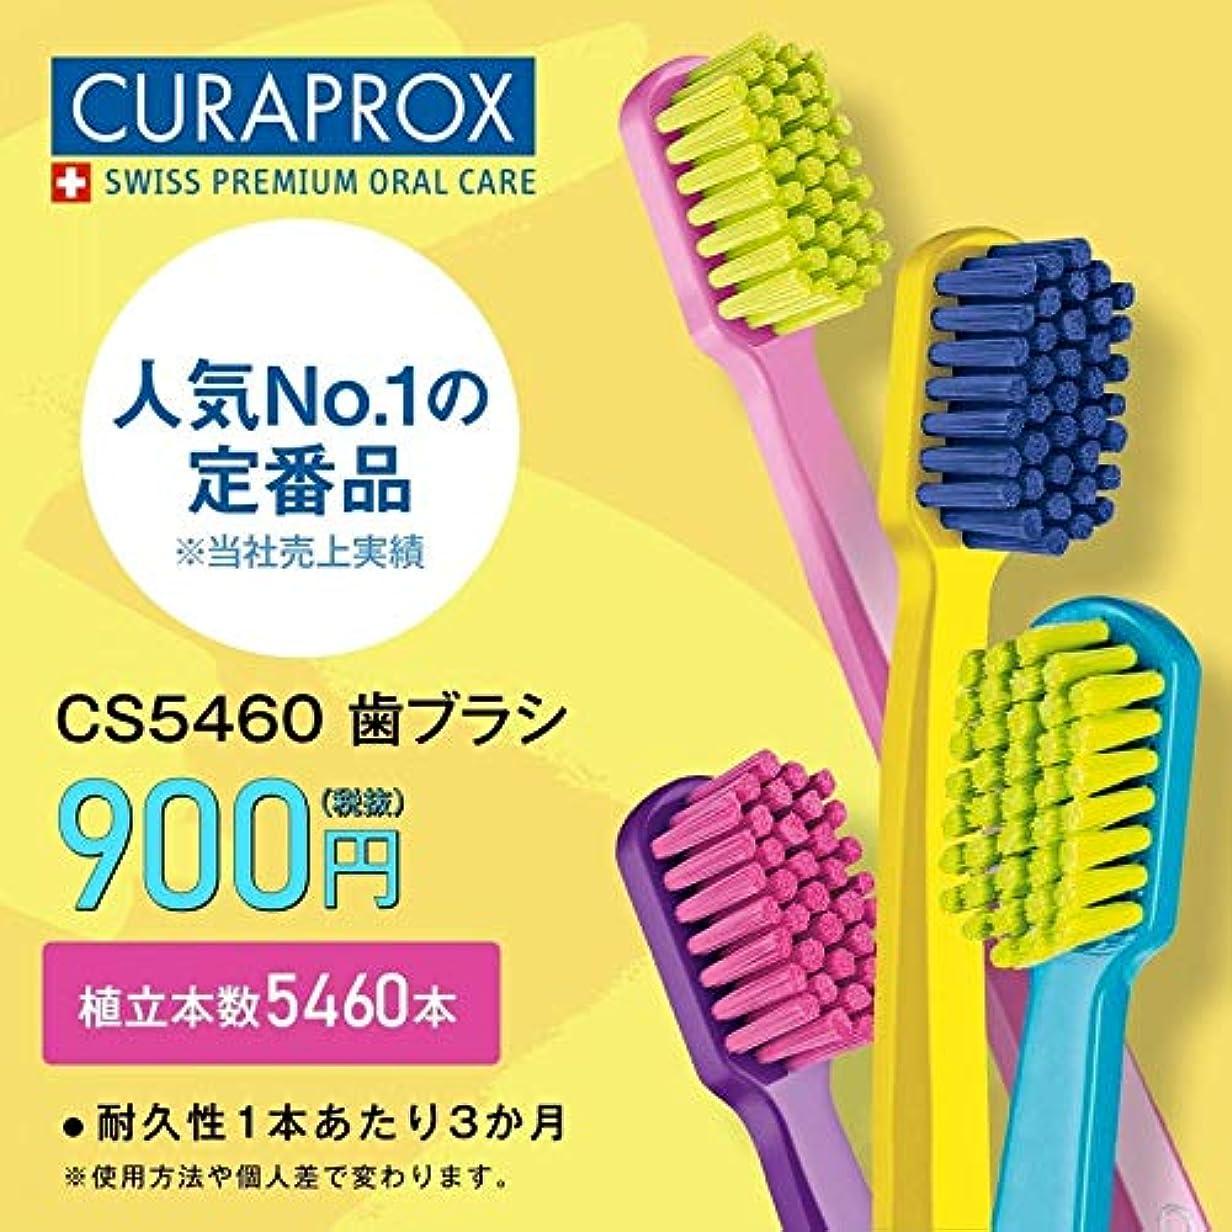 平らにする干渉する実現可能性歯ブラシ クラプロックス CS5460 ウルトラソフト 植毛5460本